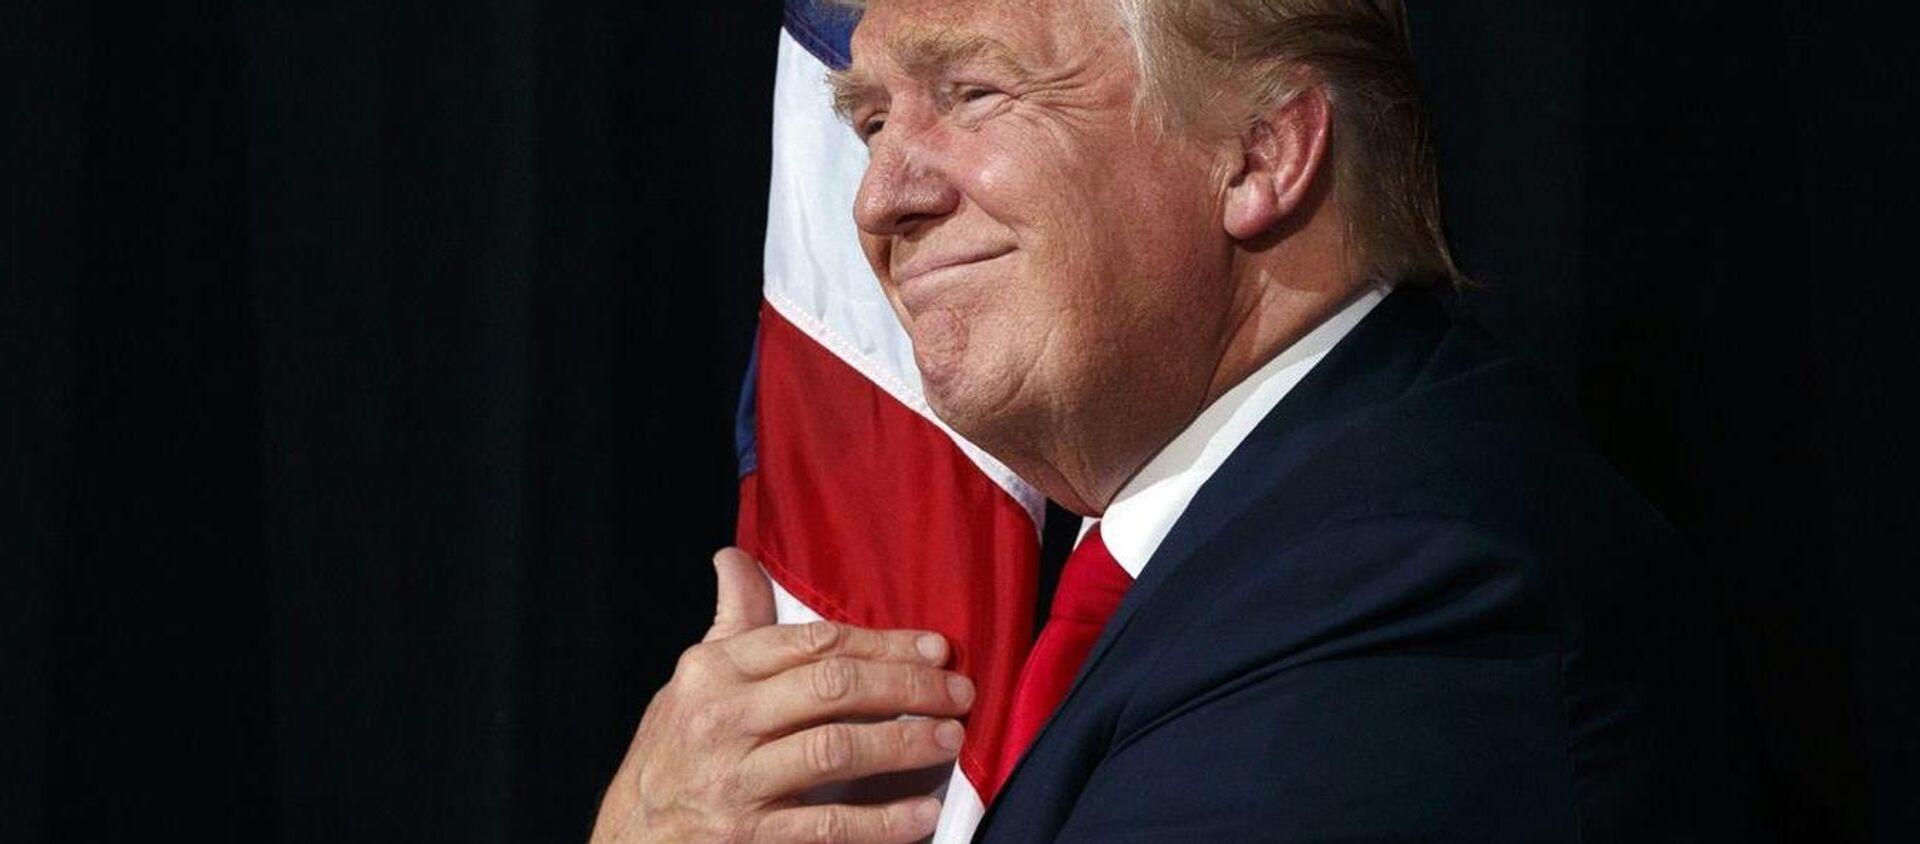 El presidente Donald Trump abraza la bandera de EEUU (archivo) - Sputnik Mundo, 1920, 16.10.2018